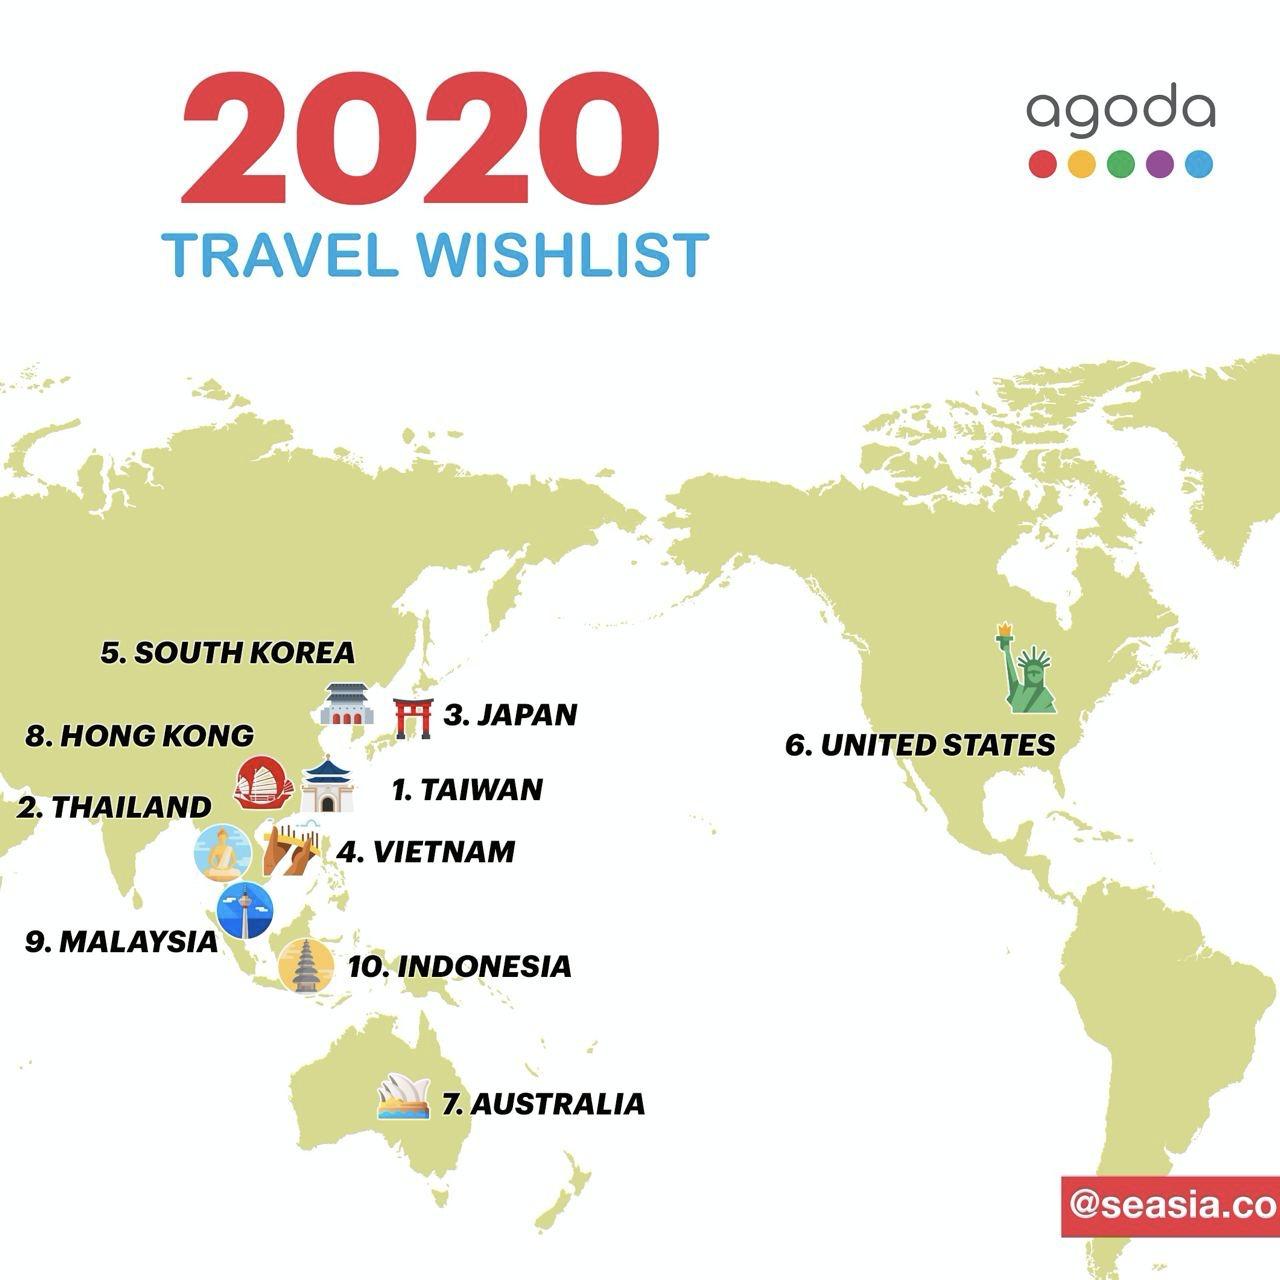 10 negara tujuan wisata di era new normal